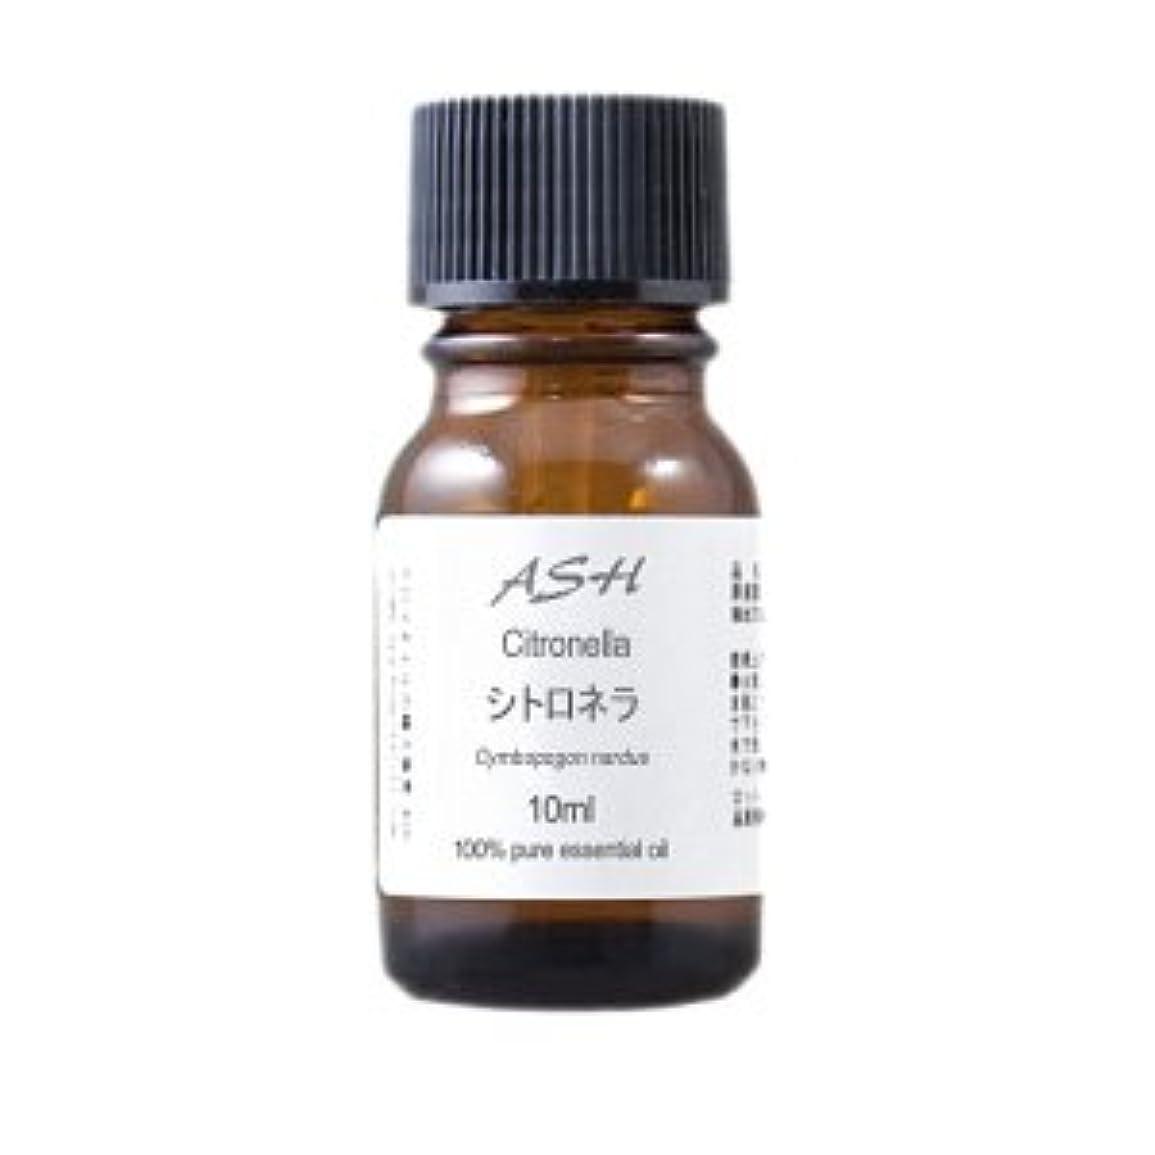 収縮終わらせる協会ASH シトロネラ エッセンシャルオイル 10ml AEAJ表示基準適合認定精油